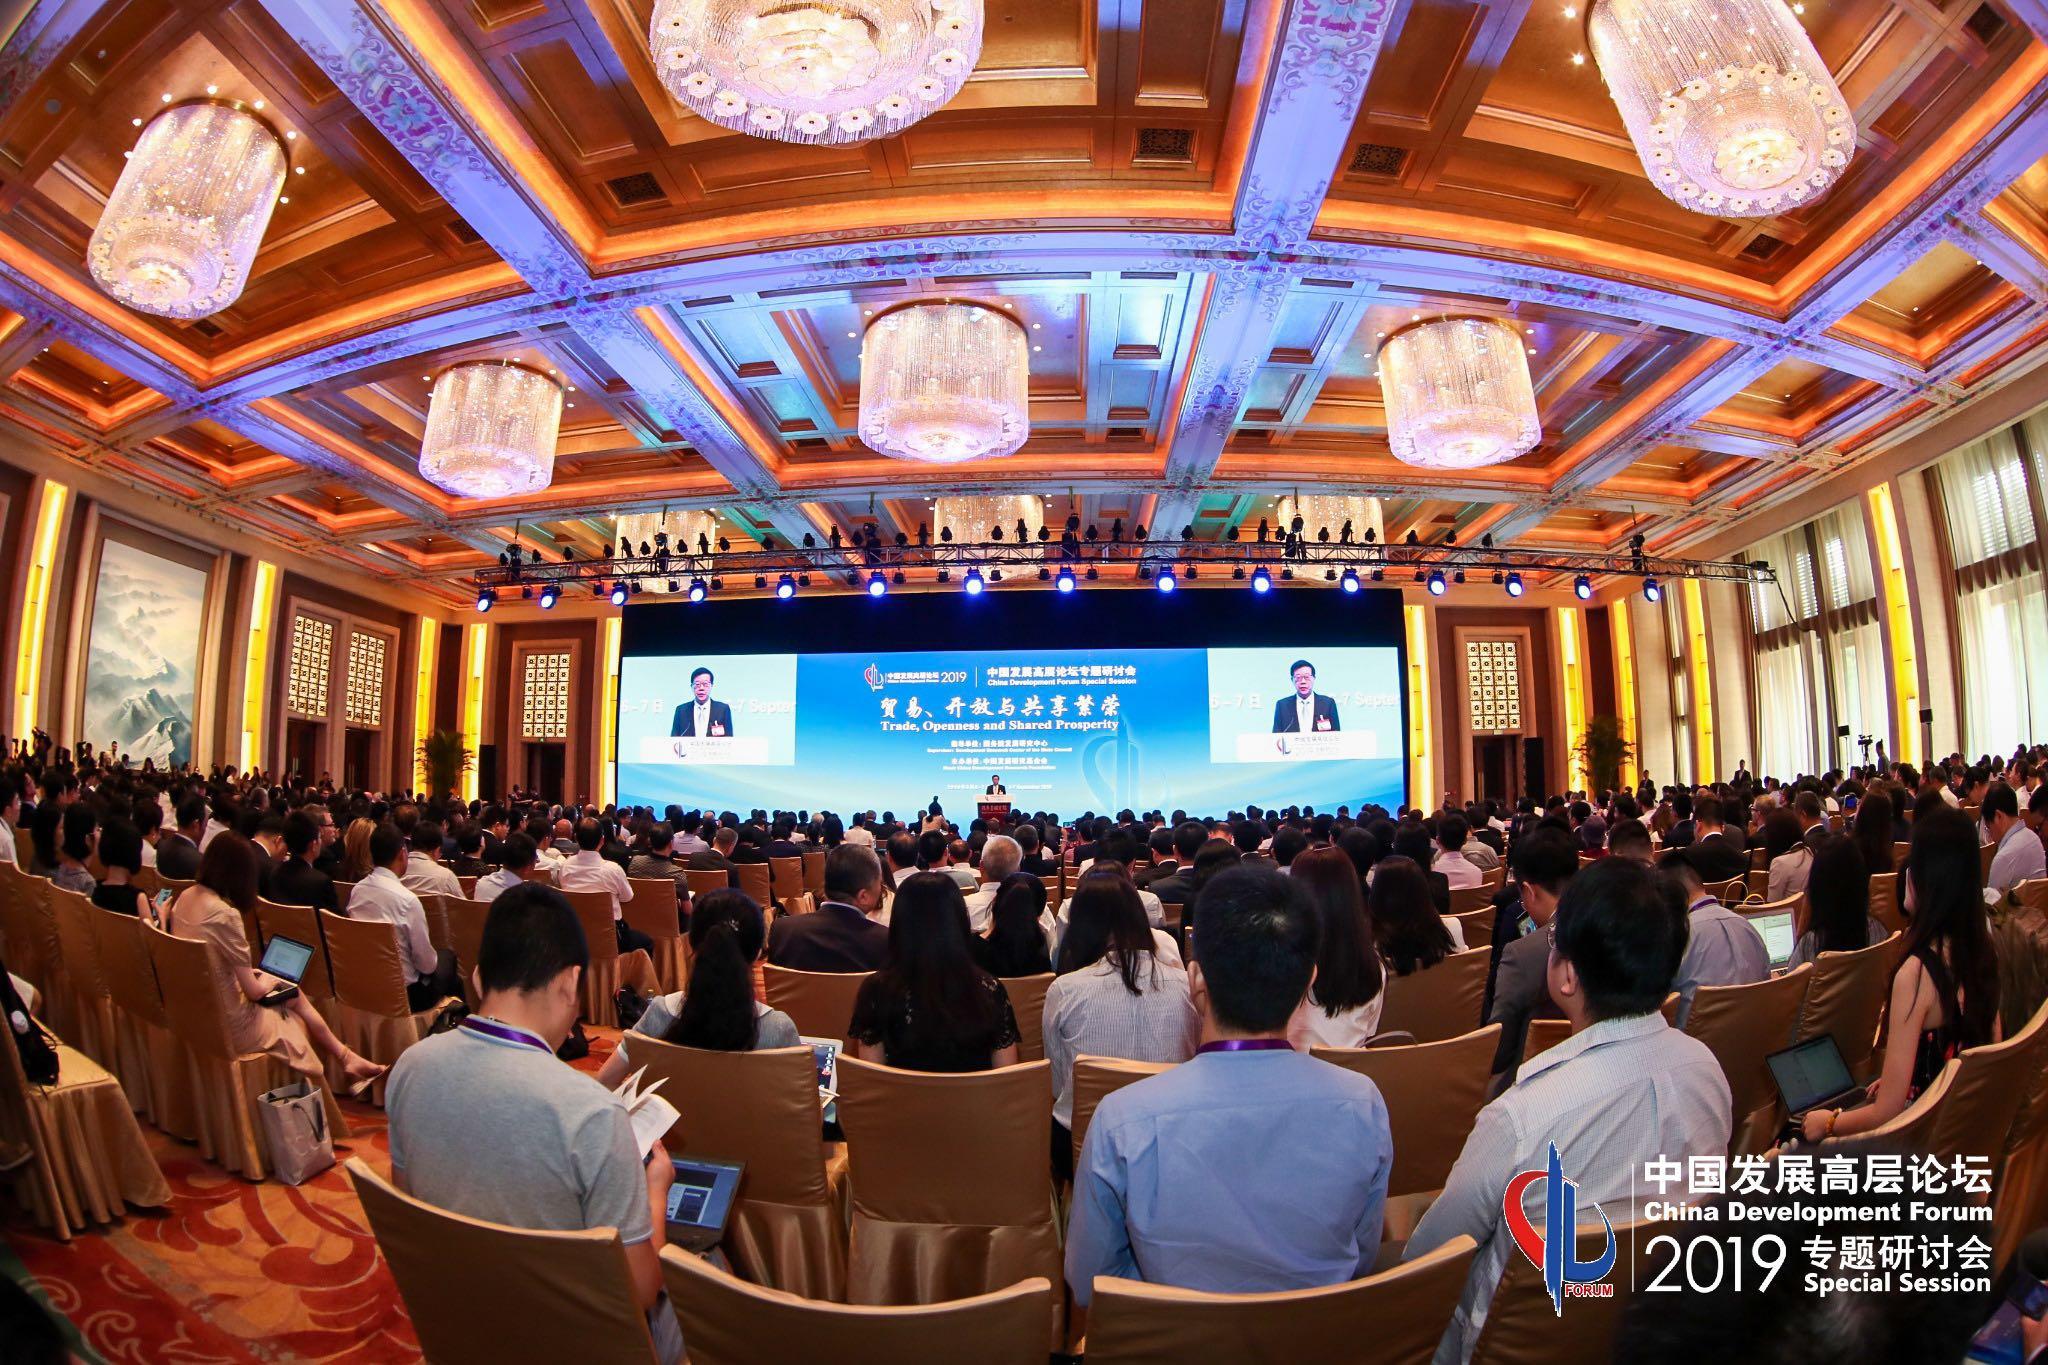 李伟:我们正处在一个需要并可以造就伟人、需要并可以造就大批真正的企业家、需要并可以造就更多真正的经济学家的时代